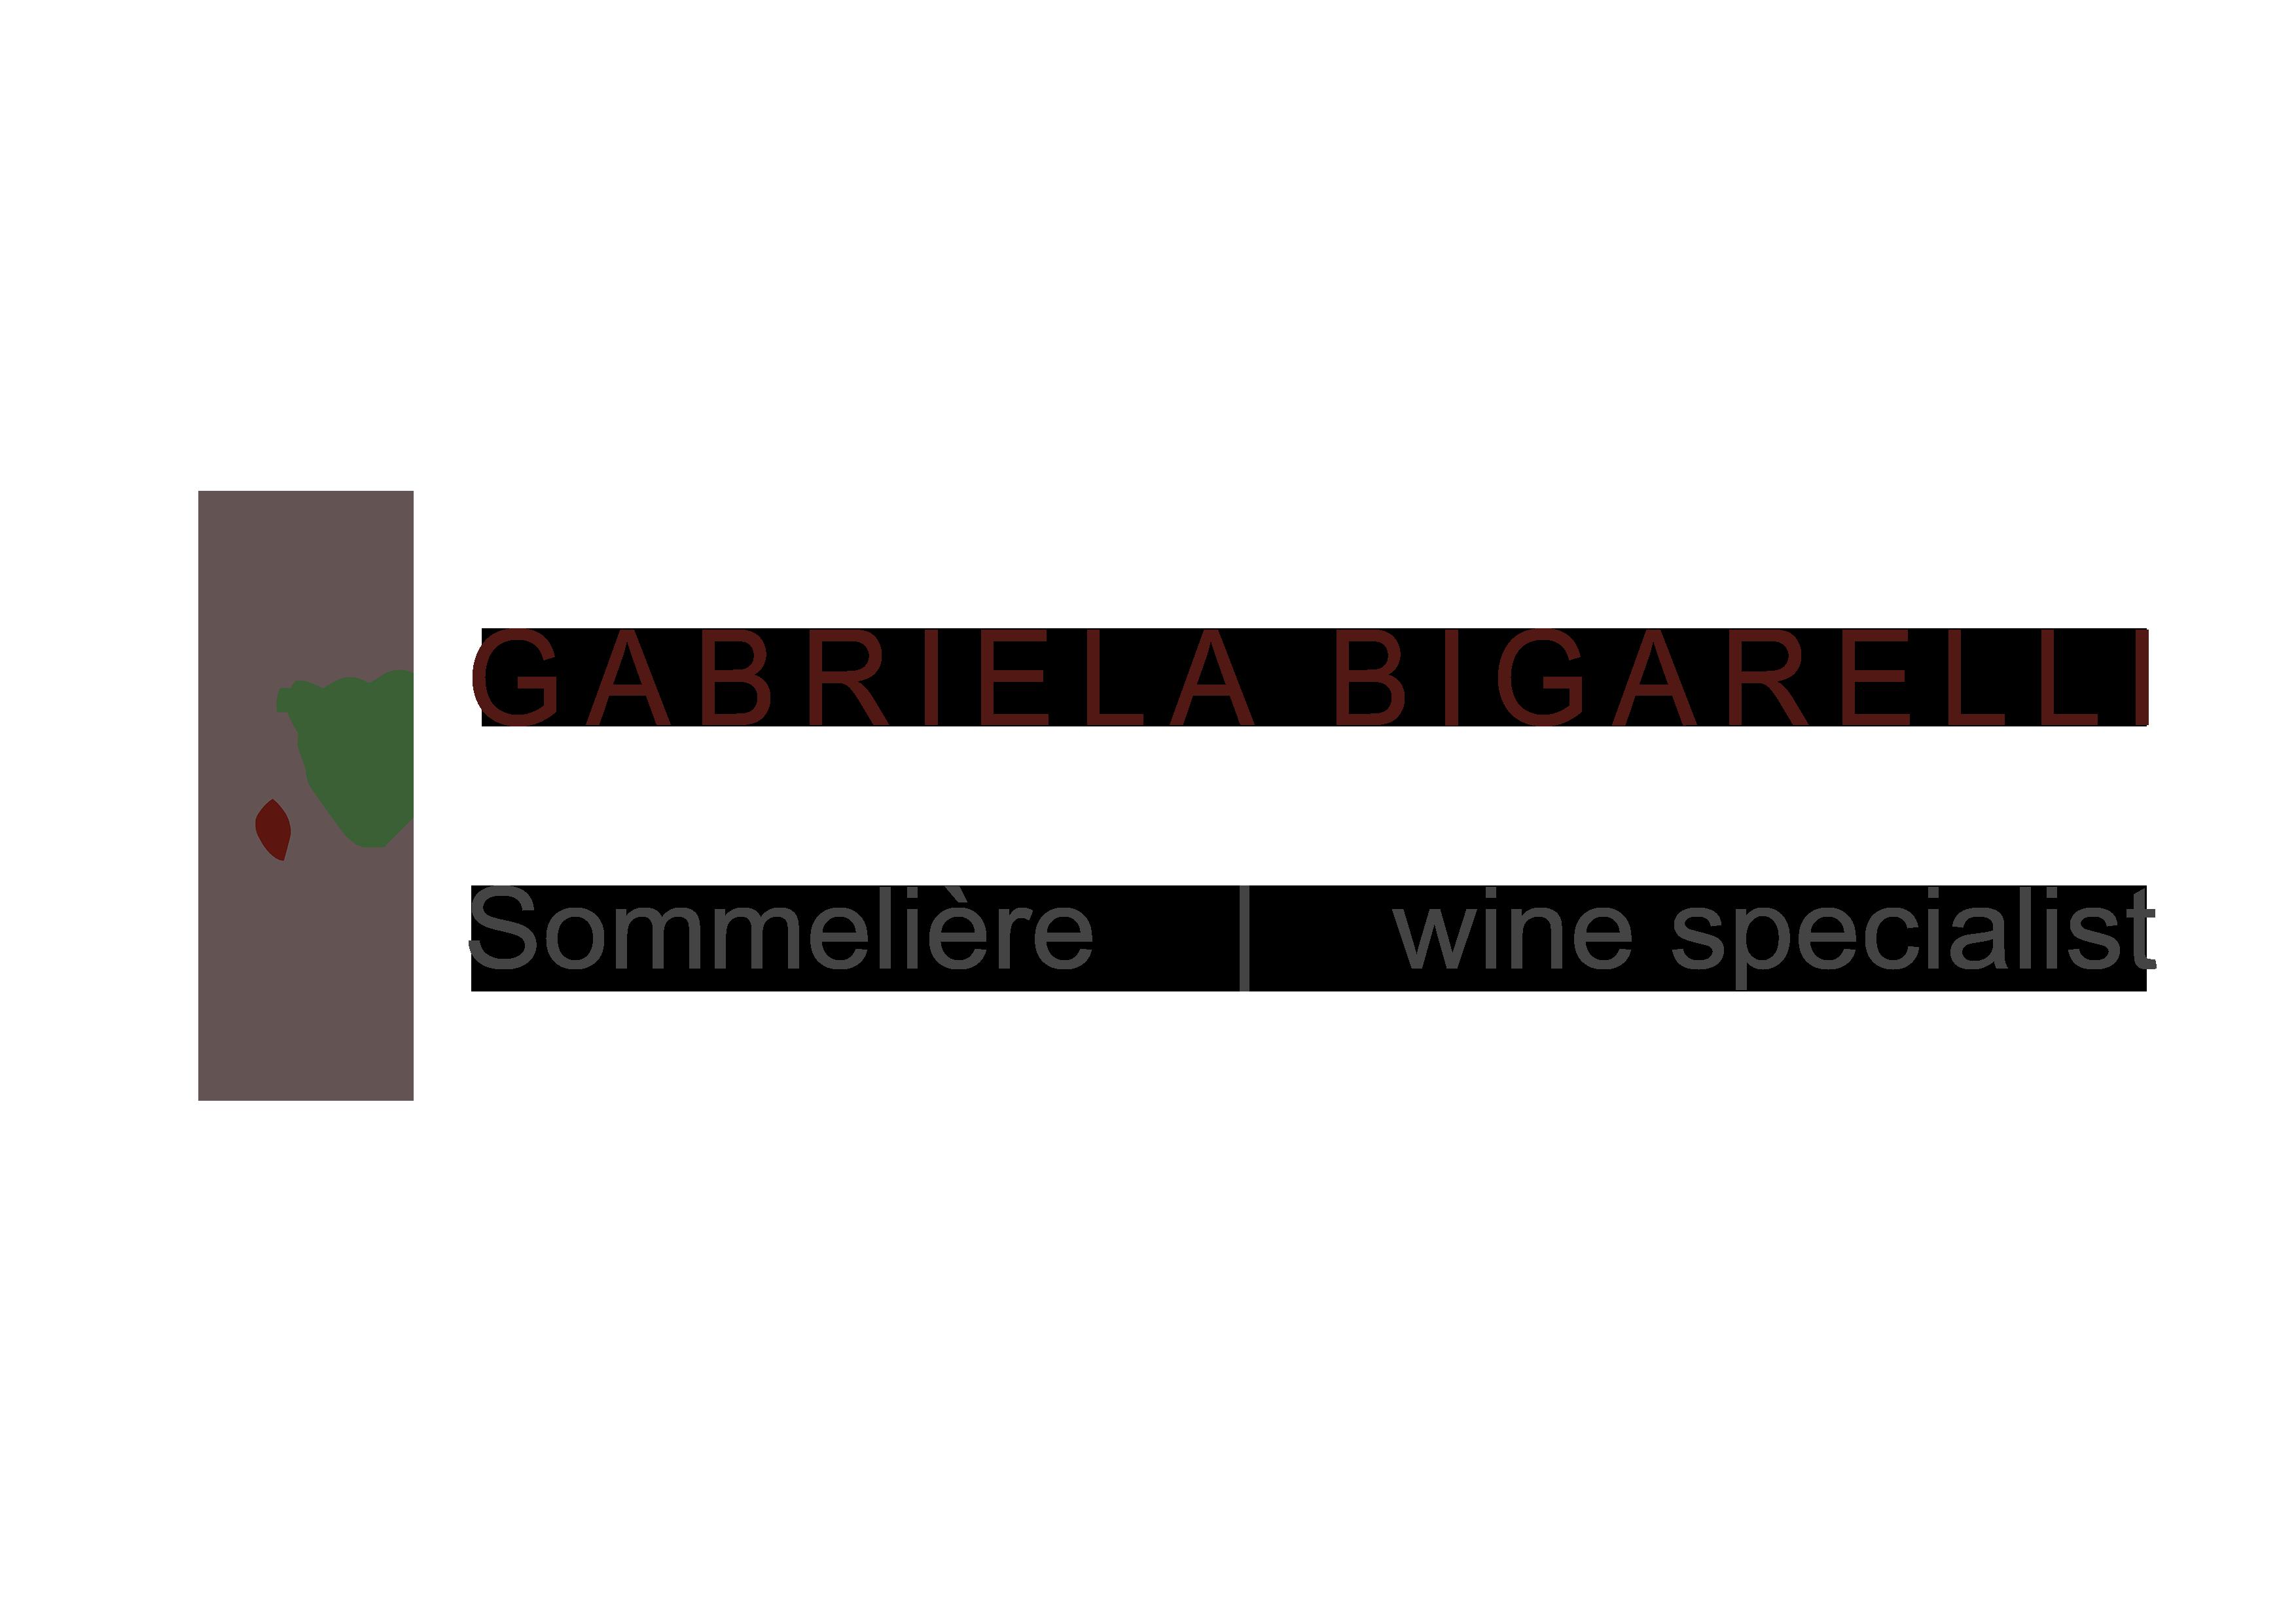 Gabriela Bigarelli